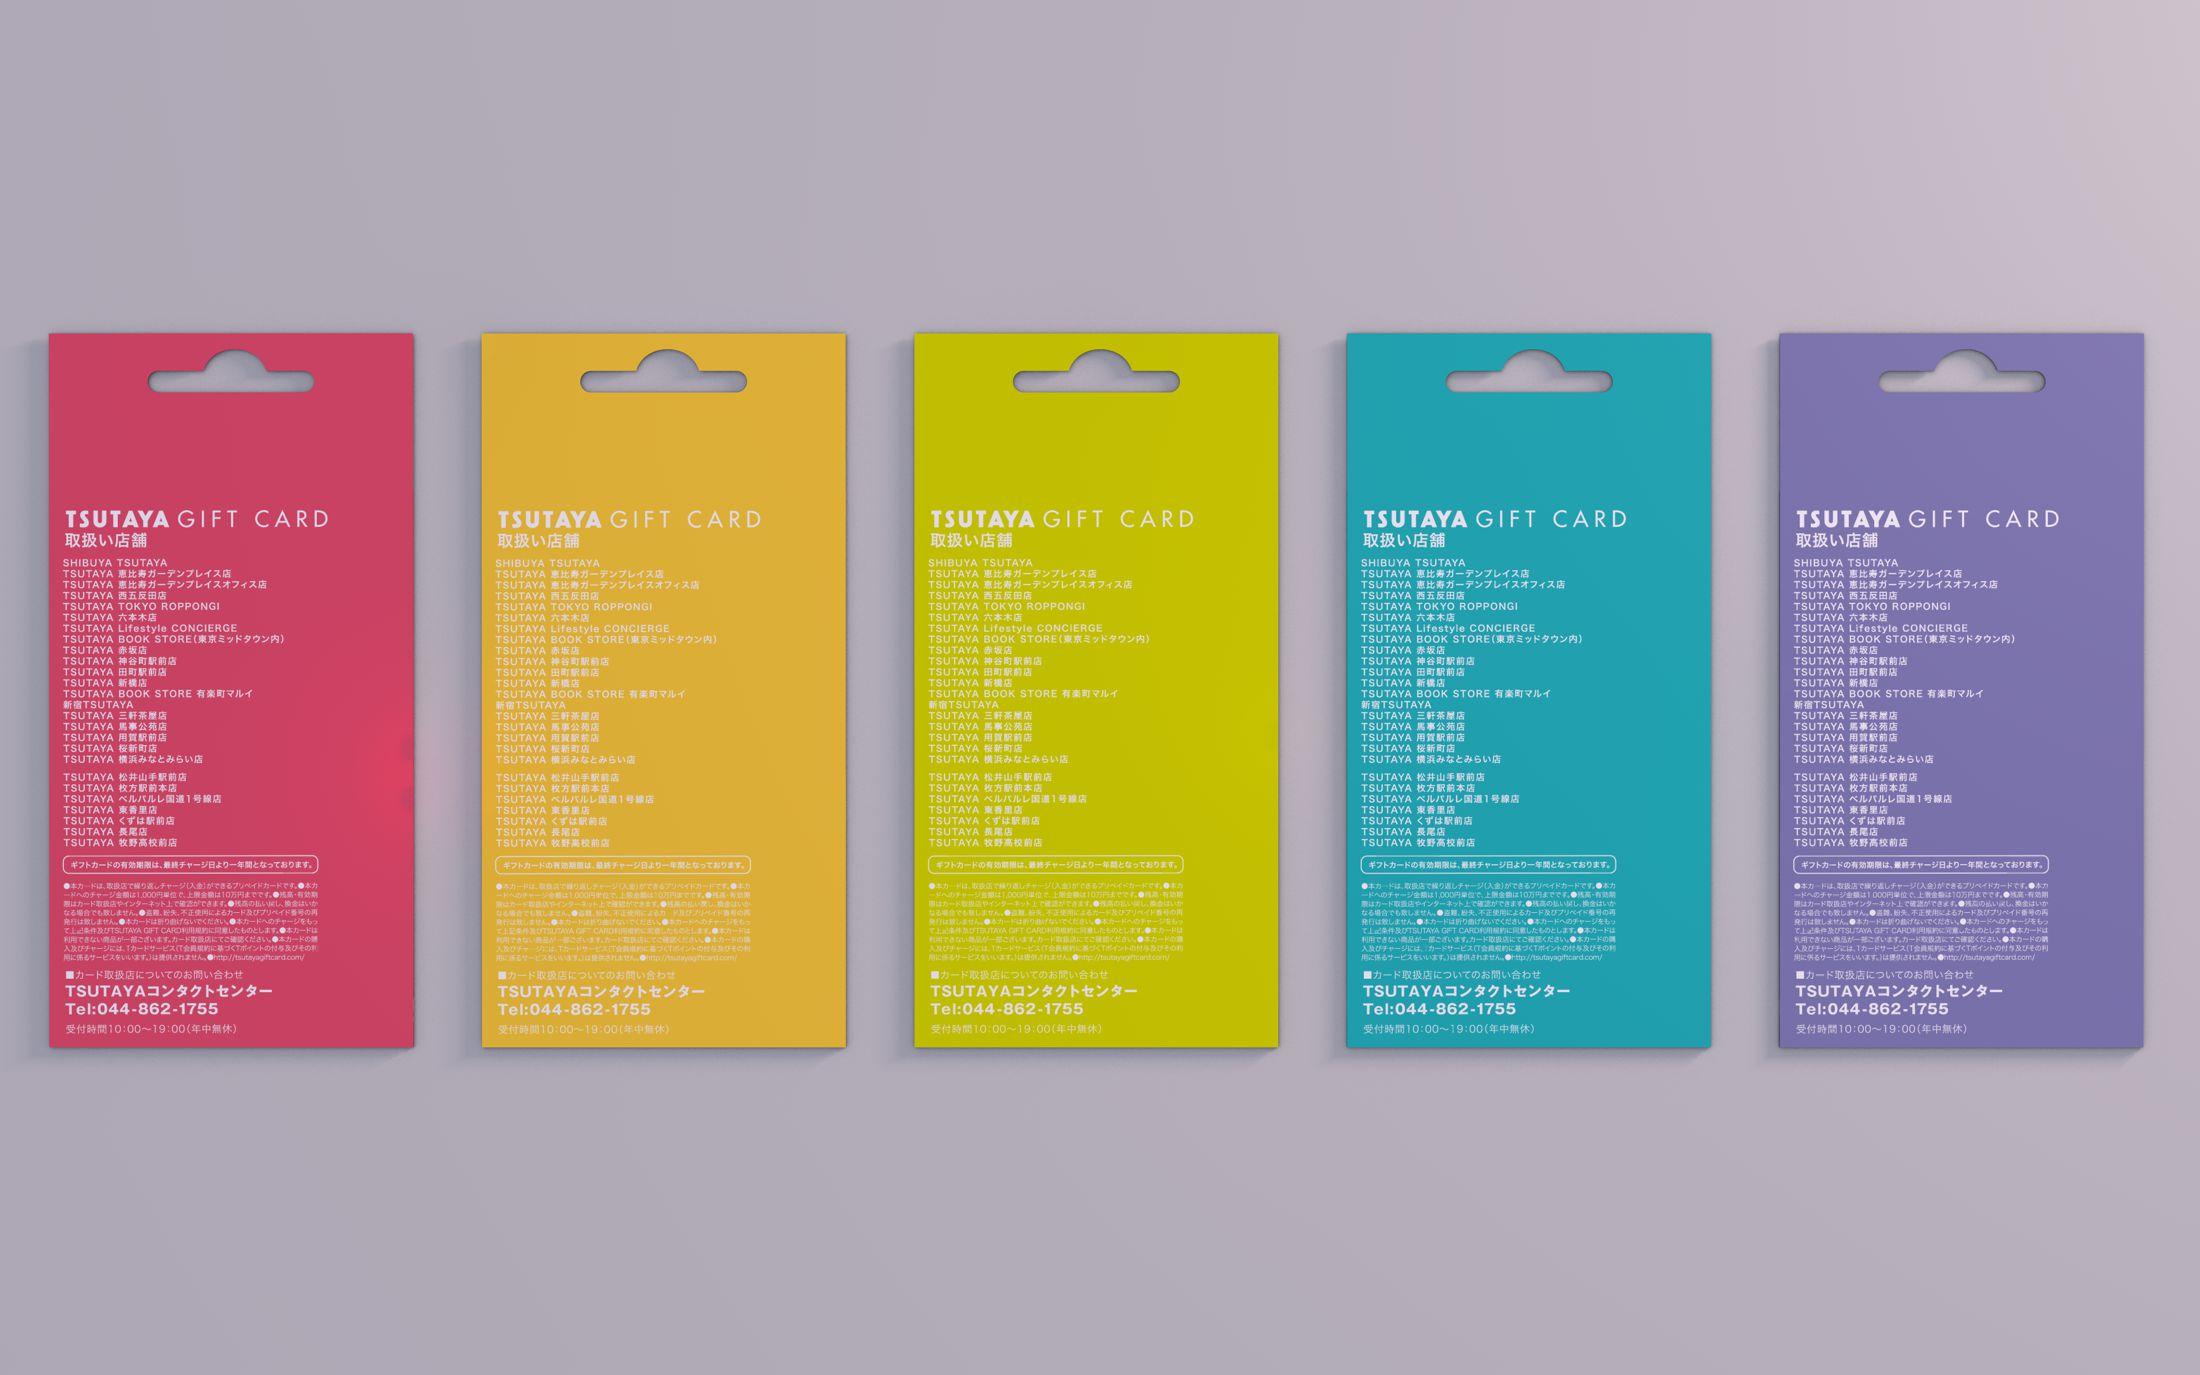 Tsutaya gift card uzurac img0908tgc02 negle Images